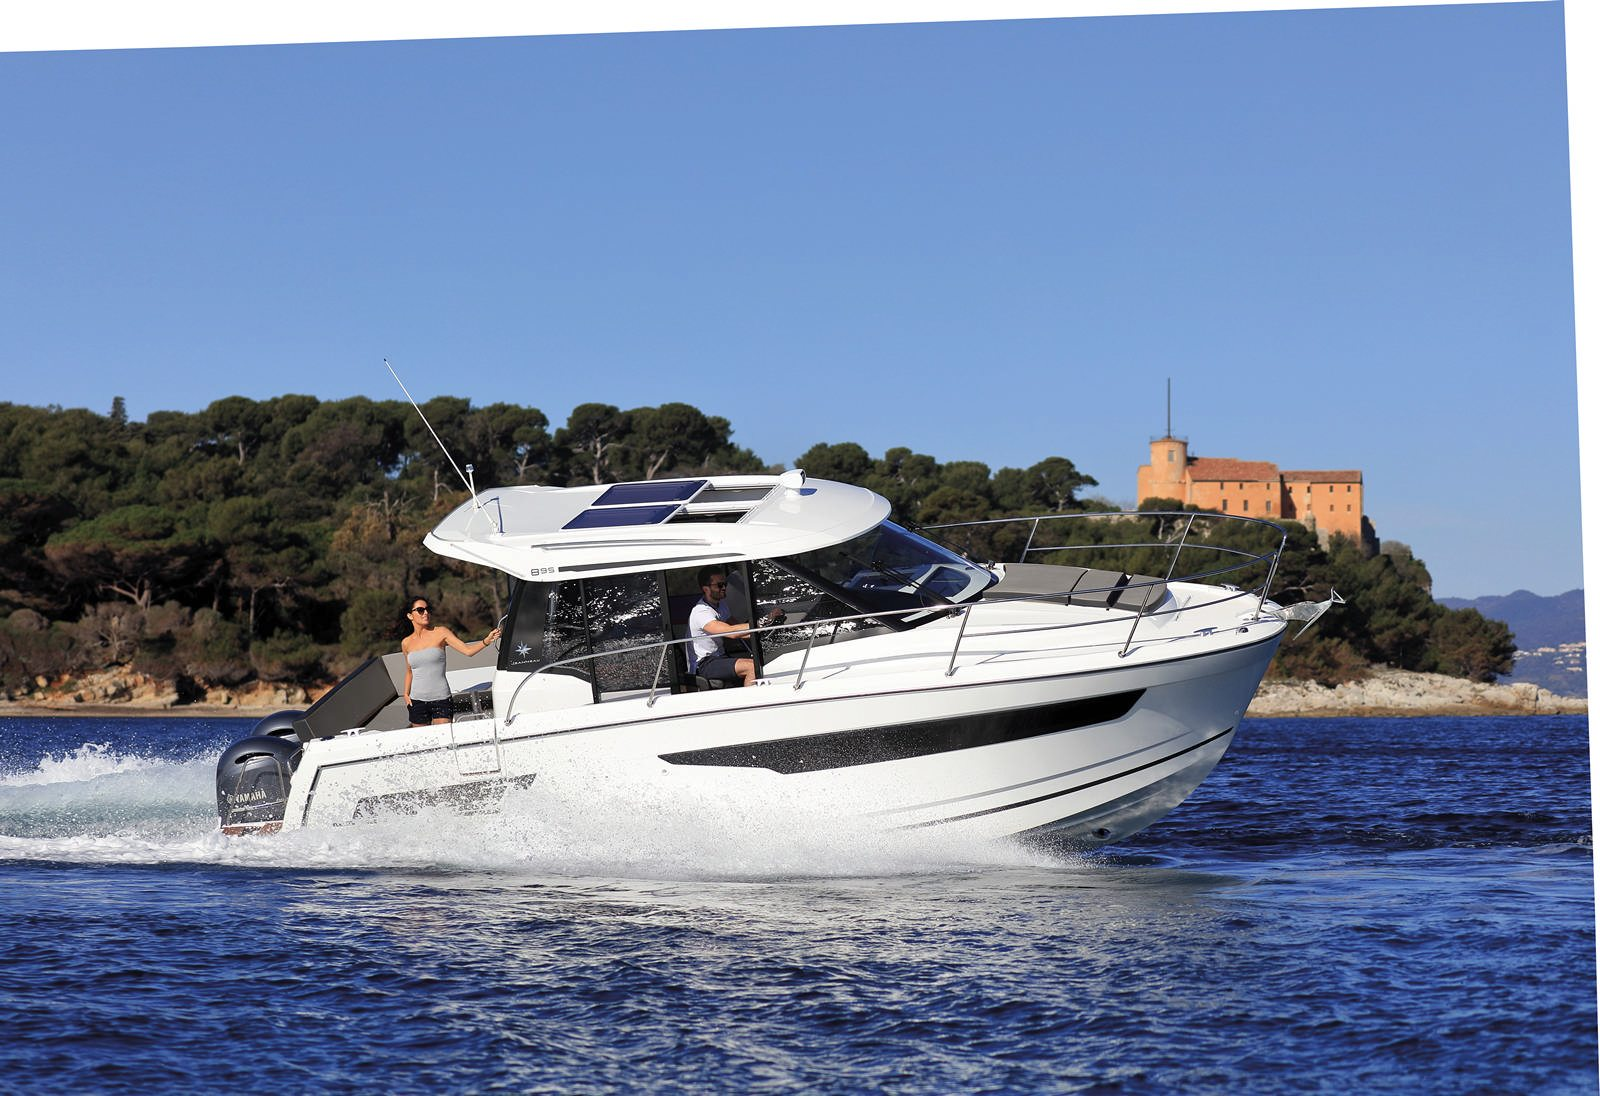 סירת מנוע JEANNEAU MERRY FISHER 895 - יד שנייה - סירת מנוע JEANNEAU MERRY FISHER 895 - סטרים יאכטות